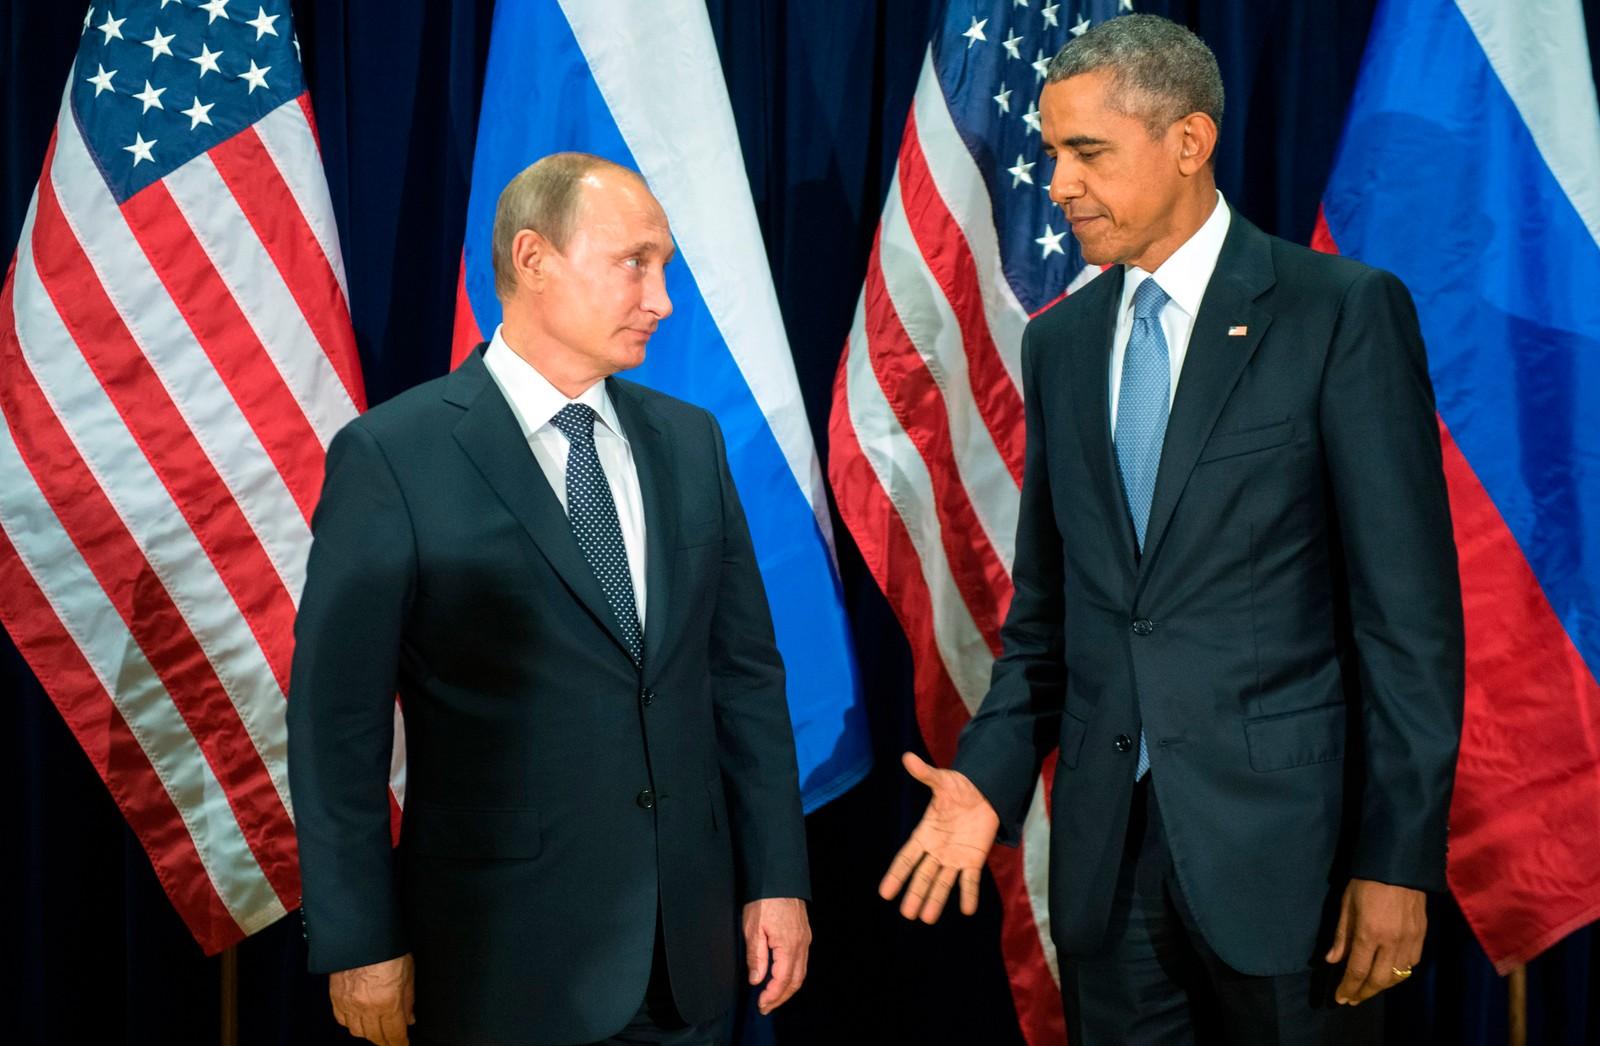 President Barack Obama rekker fram hånda til President Vladimir Putin mens de stiller opp for media i forbindelse med FN-møtet denne uka.